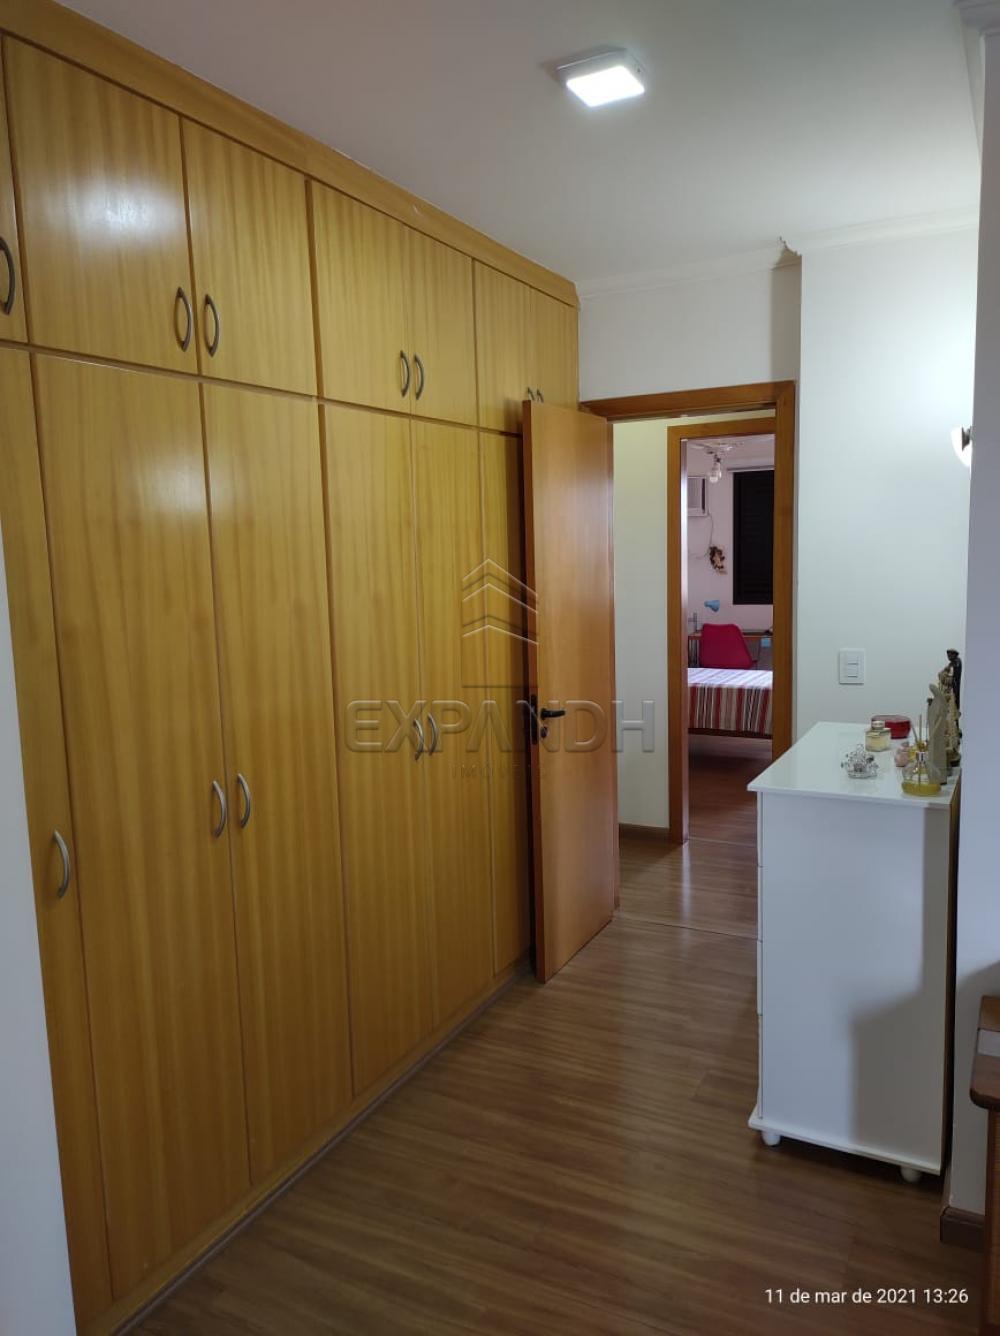 Comprar Apartamentos / Padrão em Sertãozinho R$ 590.000,00 - Foto 20